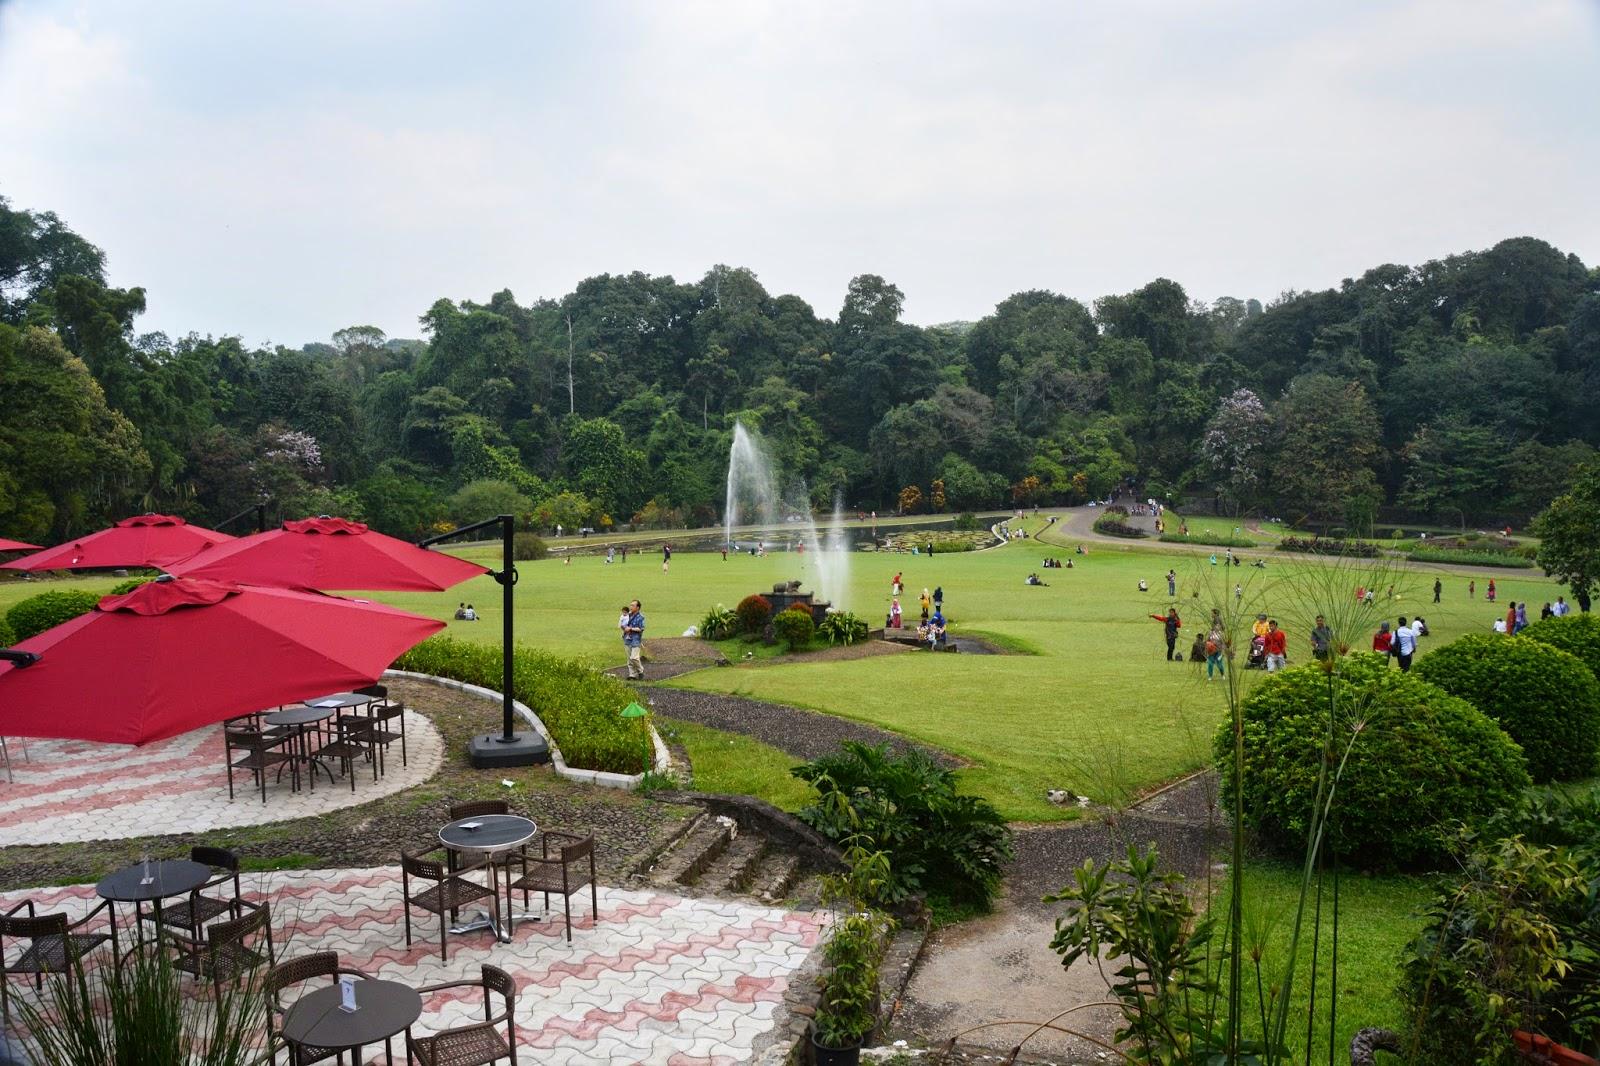 Mengenang Reffles Indonesia Indah Cobalah Datang Museum Zoologi Bogor Tersebut